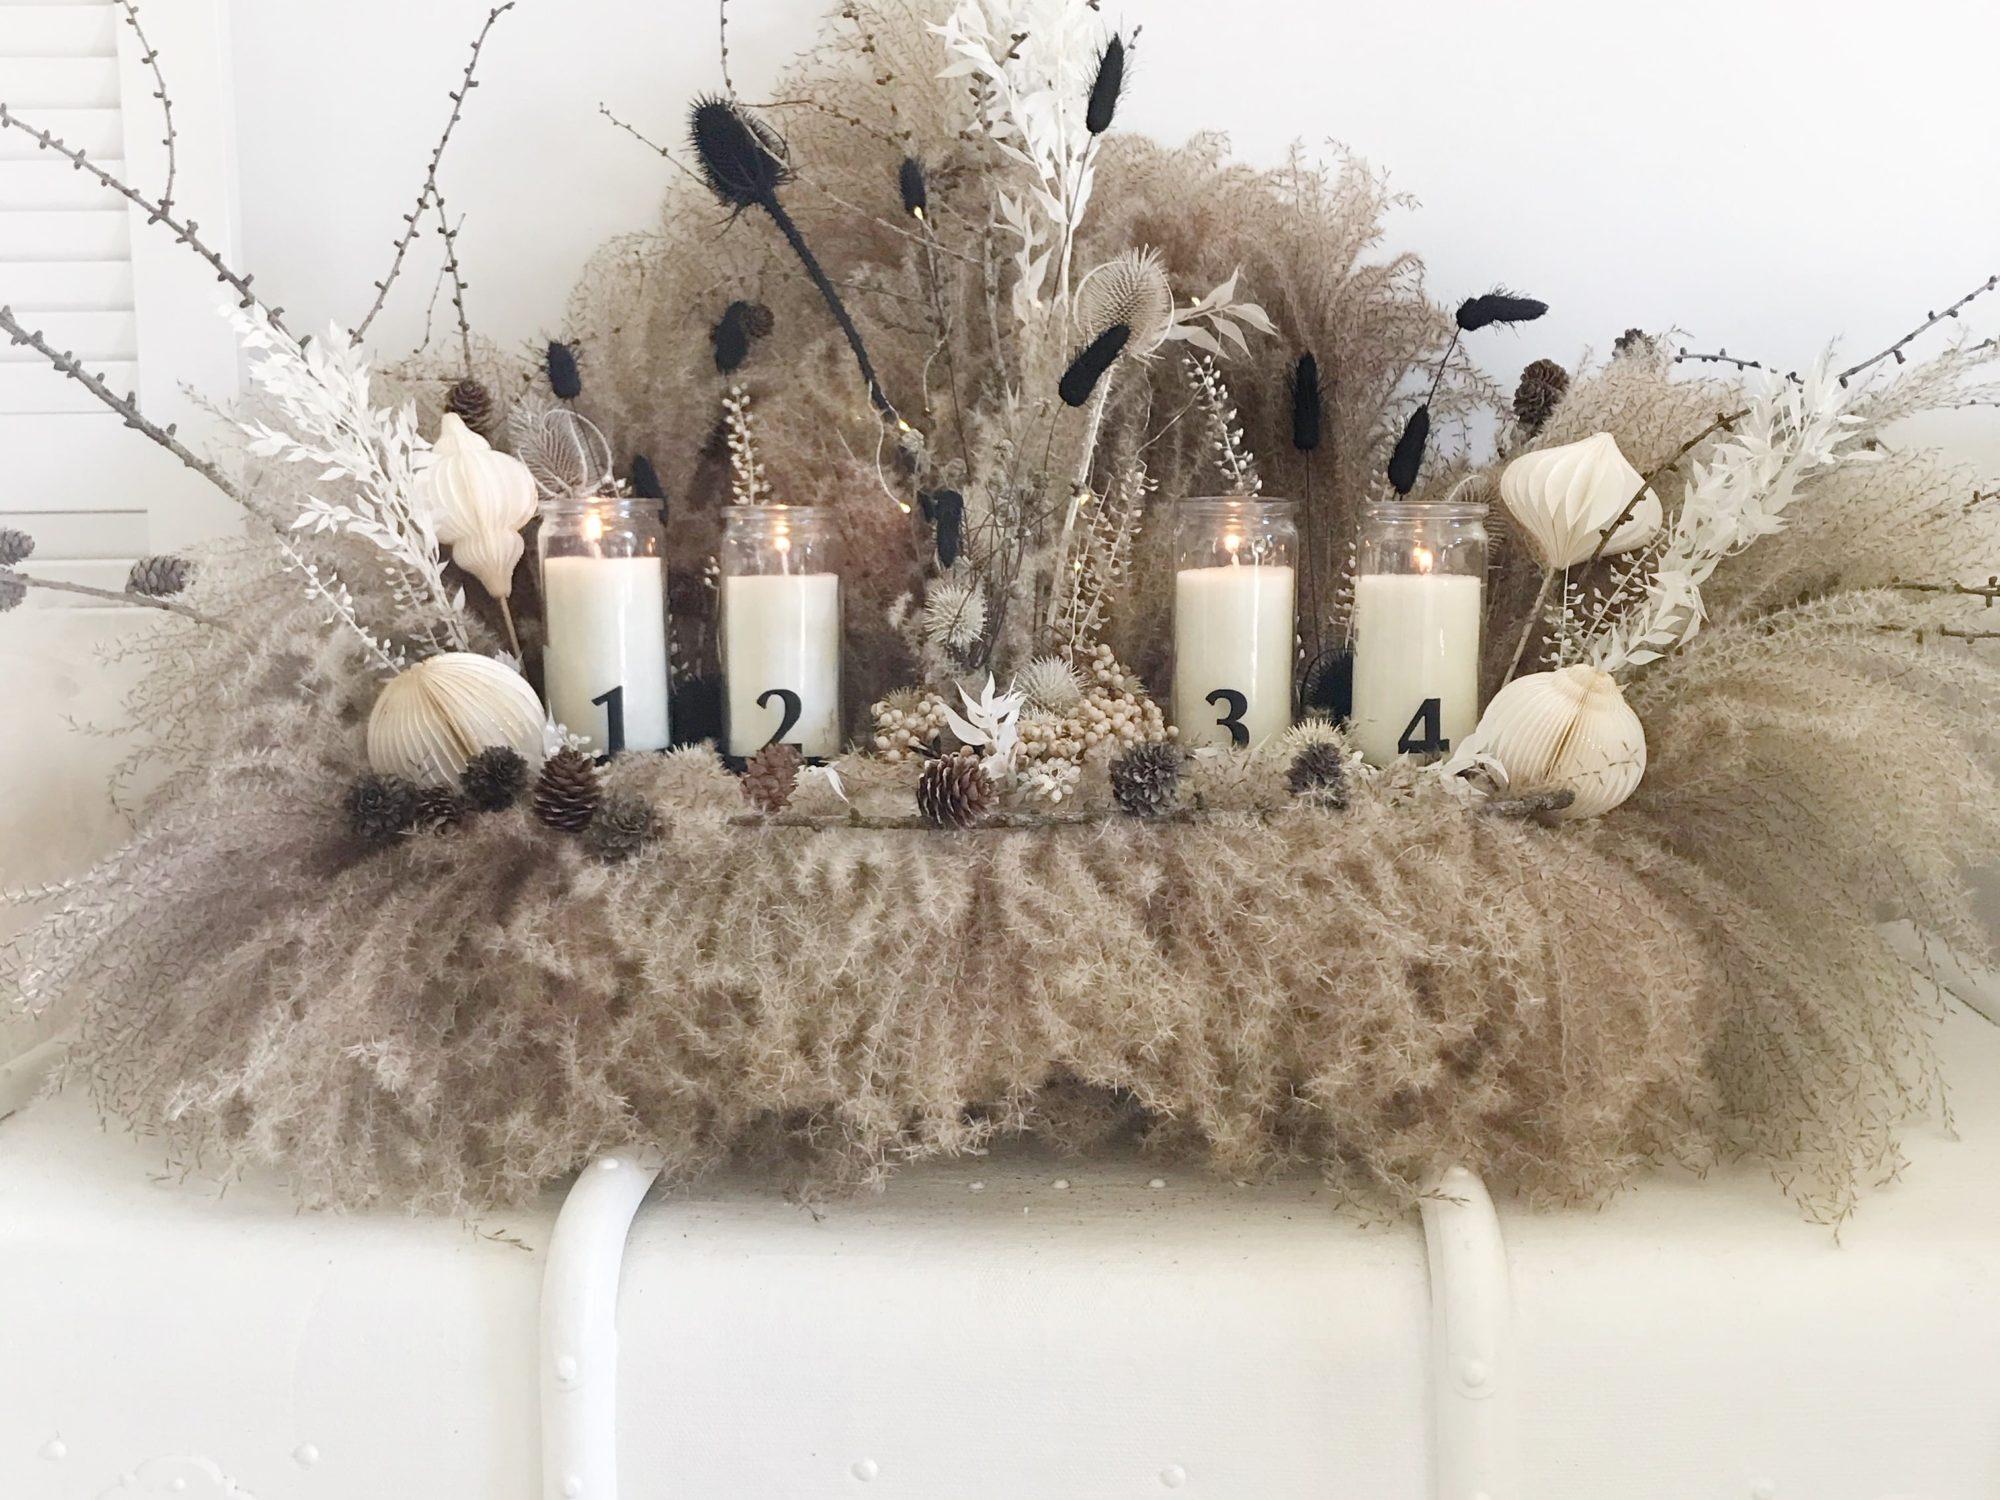 DIY: Adventskranz modern und länglich mit Trockenblumen selber machen. Advent und Winter im Boho Style mit Schilfgräsern statt Tannenzweigen. #chalet8 #adventskranz #advent #trockenblumen #moderneradvent